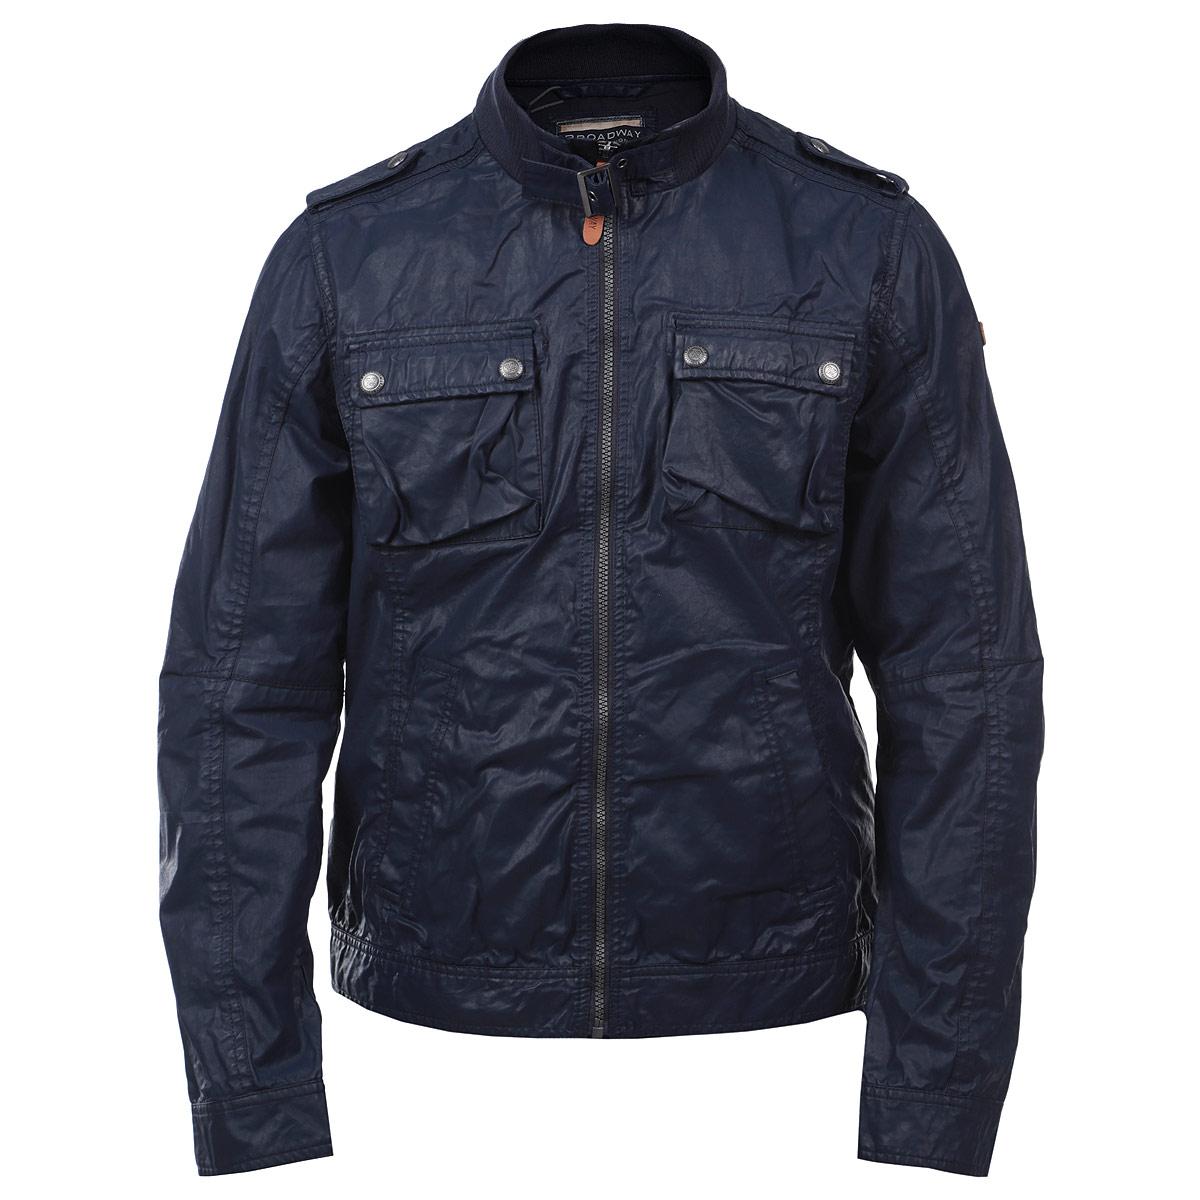 Куртка10150002 569-dk. atlanticСтильная мужская куртка Broadway, выполненная из высококачественного хлопкового материала со специальной пропиткой, рассчитана на прохладную погоду. Куртка поможет вам почувствовать себя максимально комфортно и стильно. Модель с длинными рукавами и трикотажным воротником-стойкой застегивается на пластиковую застежку-молнию. Воротник дополнительно застегивается с помощью хлястика на пряжку. Куртка дополнена двумя втачными карманами на кнопках и двумя нагрудными карманами с клапанами на кнопках. Манжеты также застегиваются на кнопки. На рукаве модель оформлена кожаной нашивкой с тиснением в виде названия бренда. В этой куртке вам будет комфортно. Модная фактура ткани, отличное качество, великолепный дизайн.